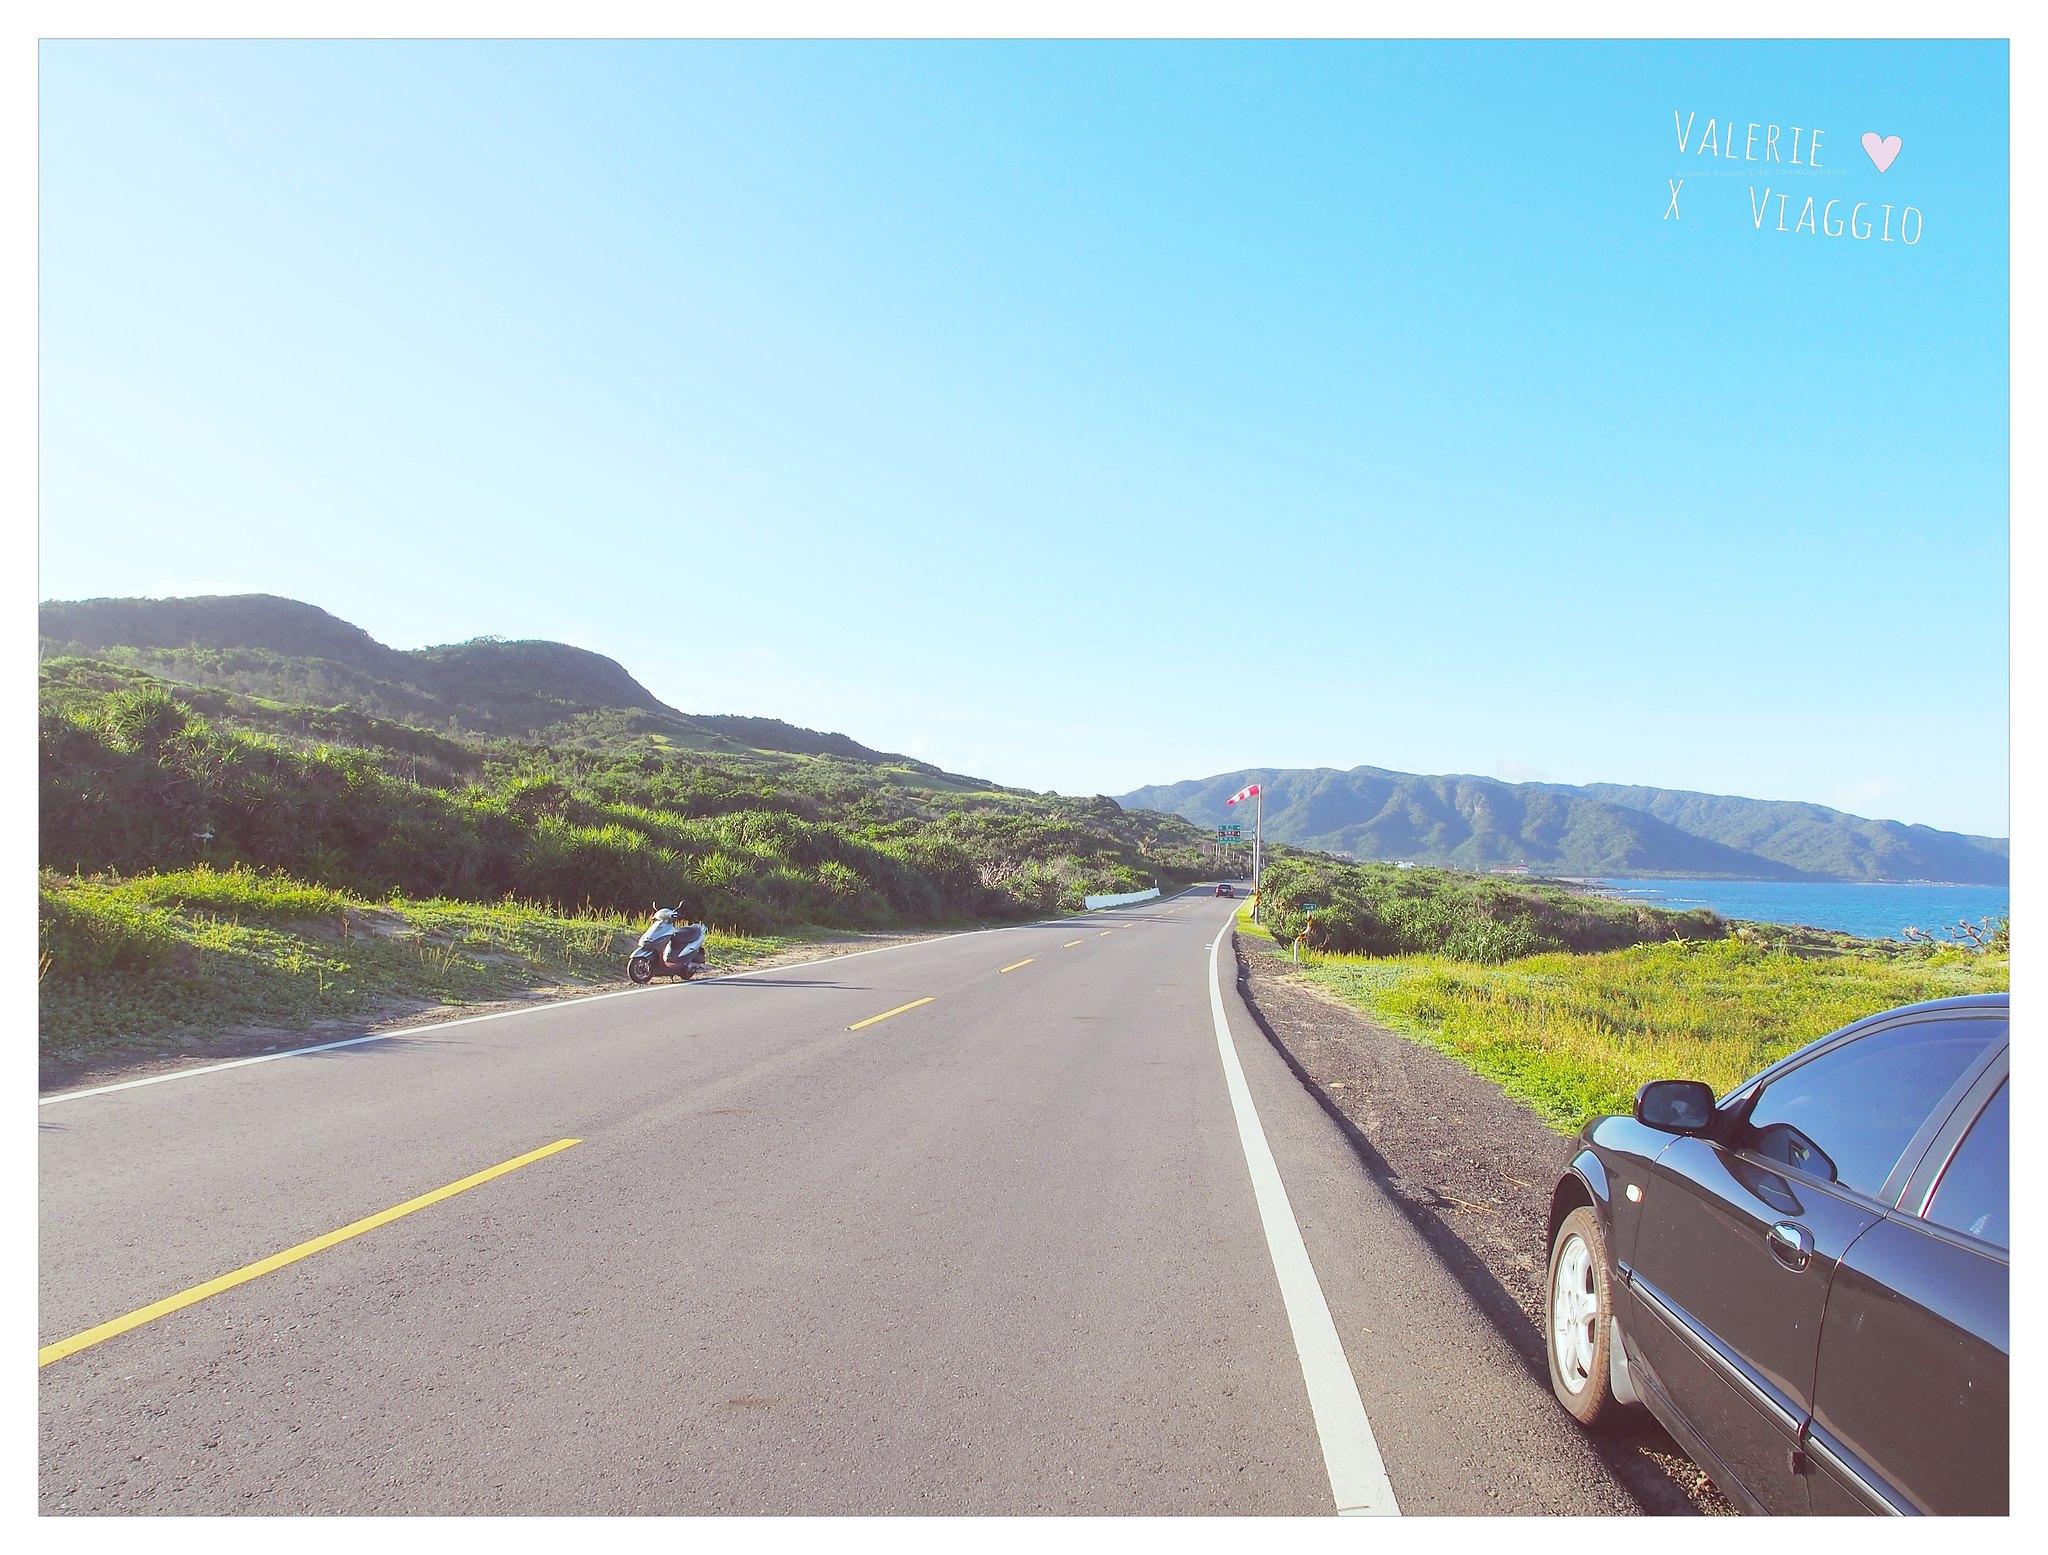 【墾丁 Kenting】砂島貝殼白沙灘 滿州沙灘 墾丁南島的靜謐沙灘分享 @薇樂莉 Love Viaggio | 旅行.生活.攝影